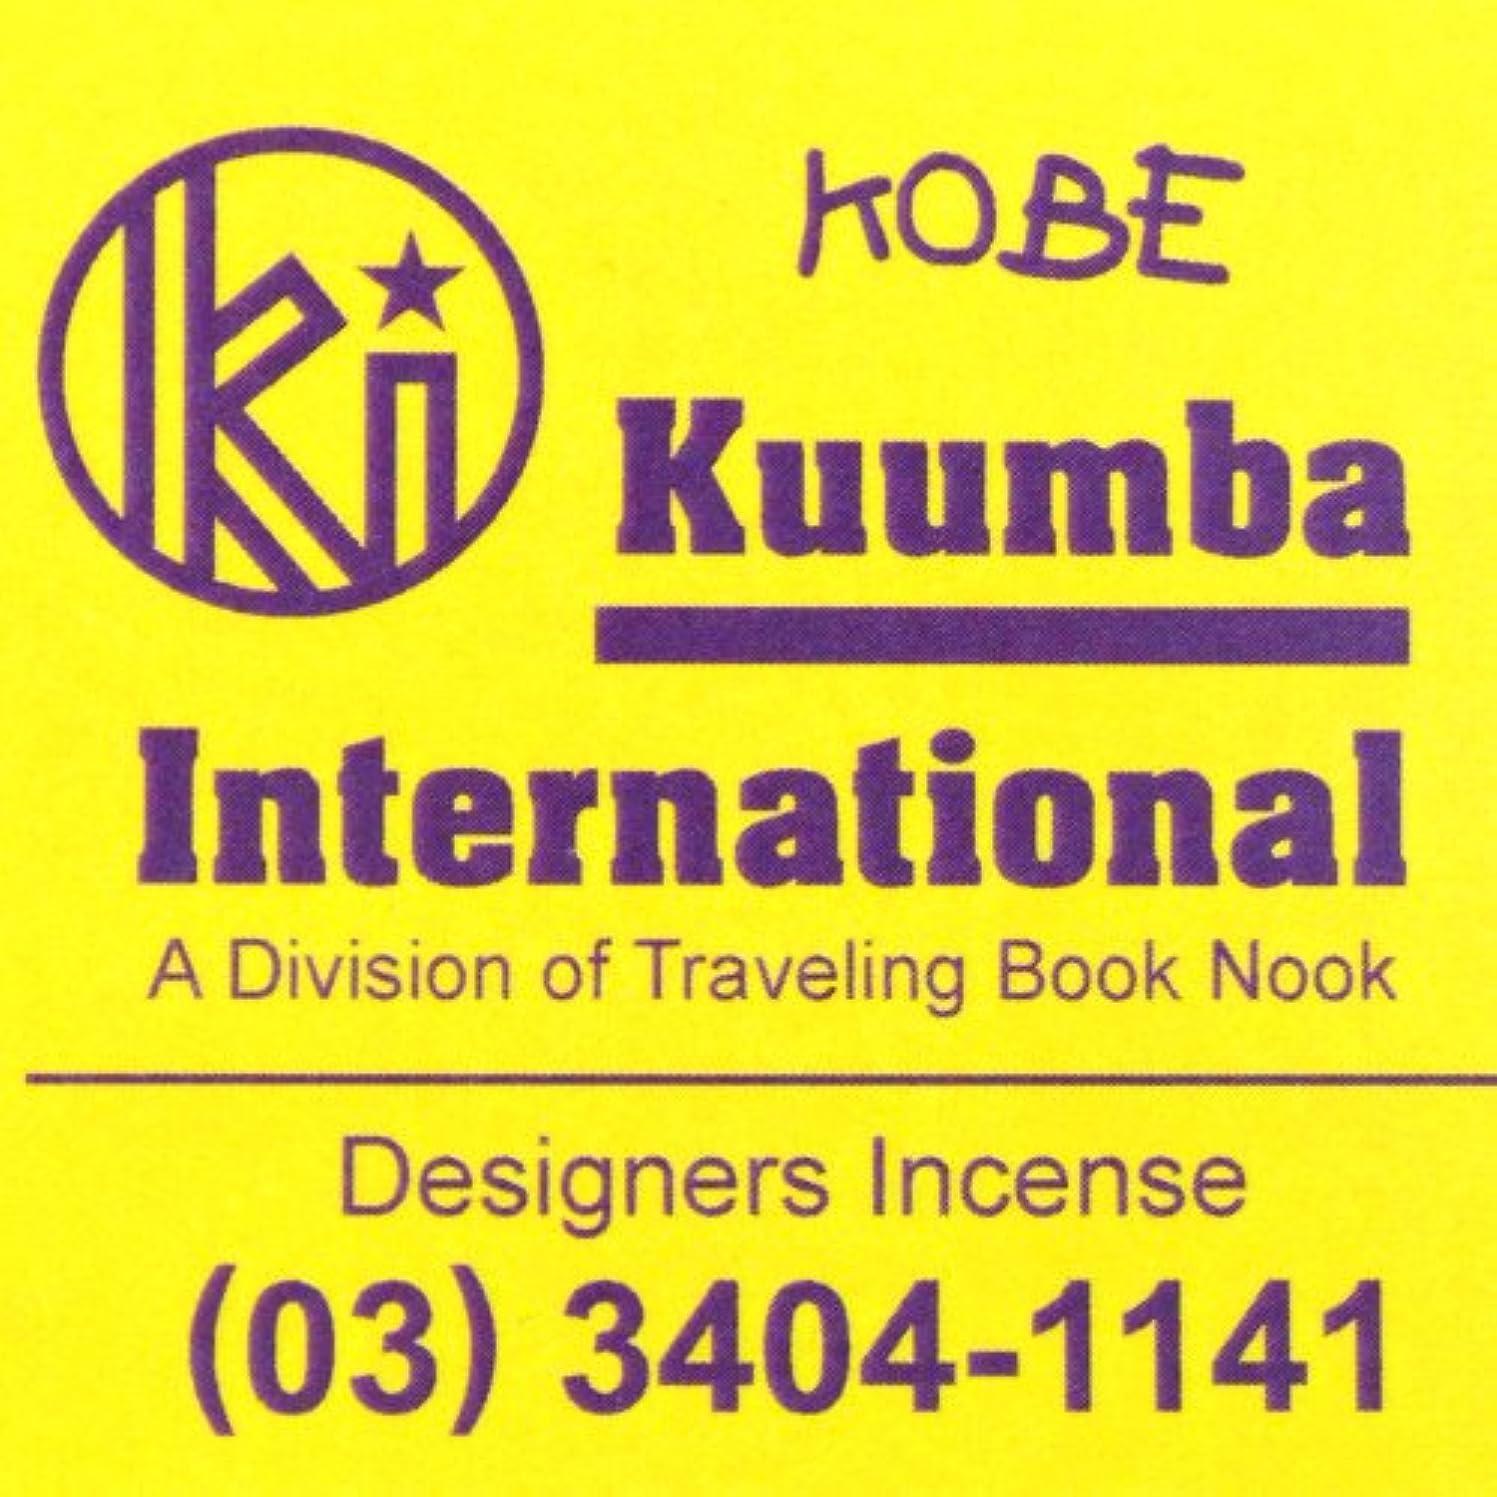 予想外呼び出す部族KUUMBA (クンバ)『incense』(KOBE) (Regular size)